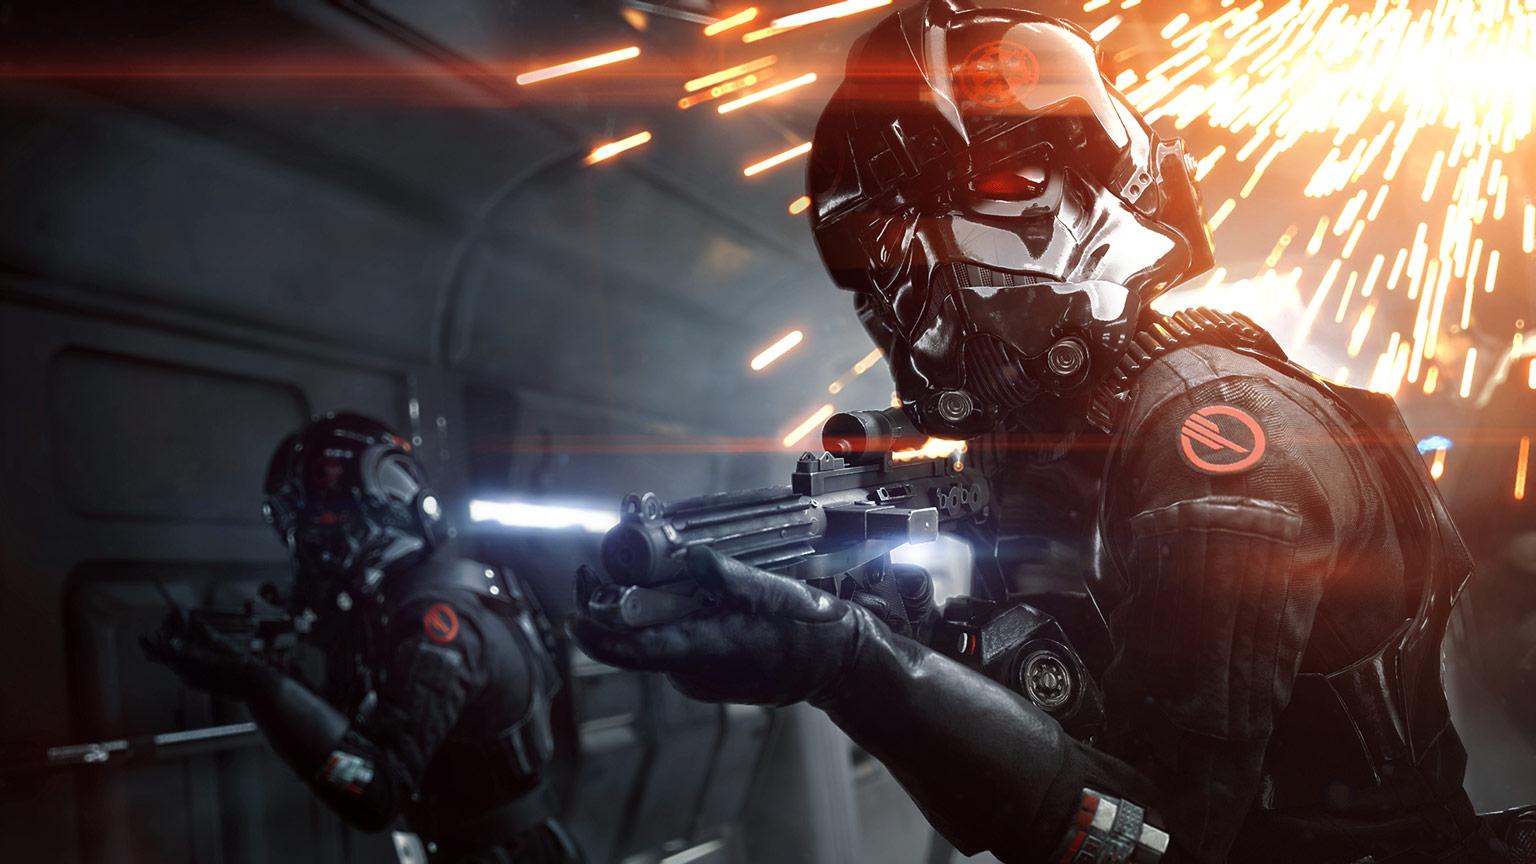 Star Wars Battlefront 2 Cross Platform Is It Gamewatcher